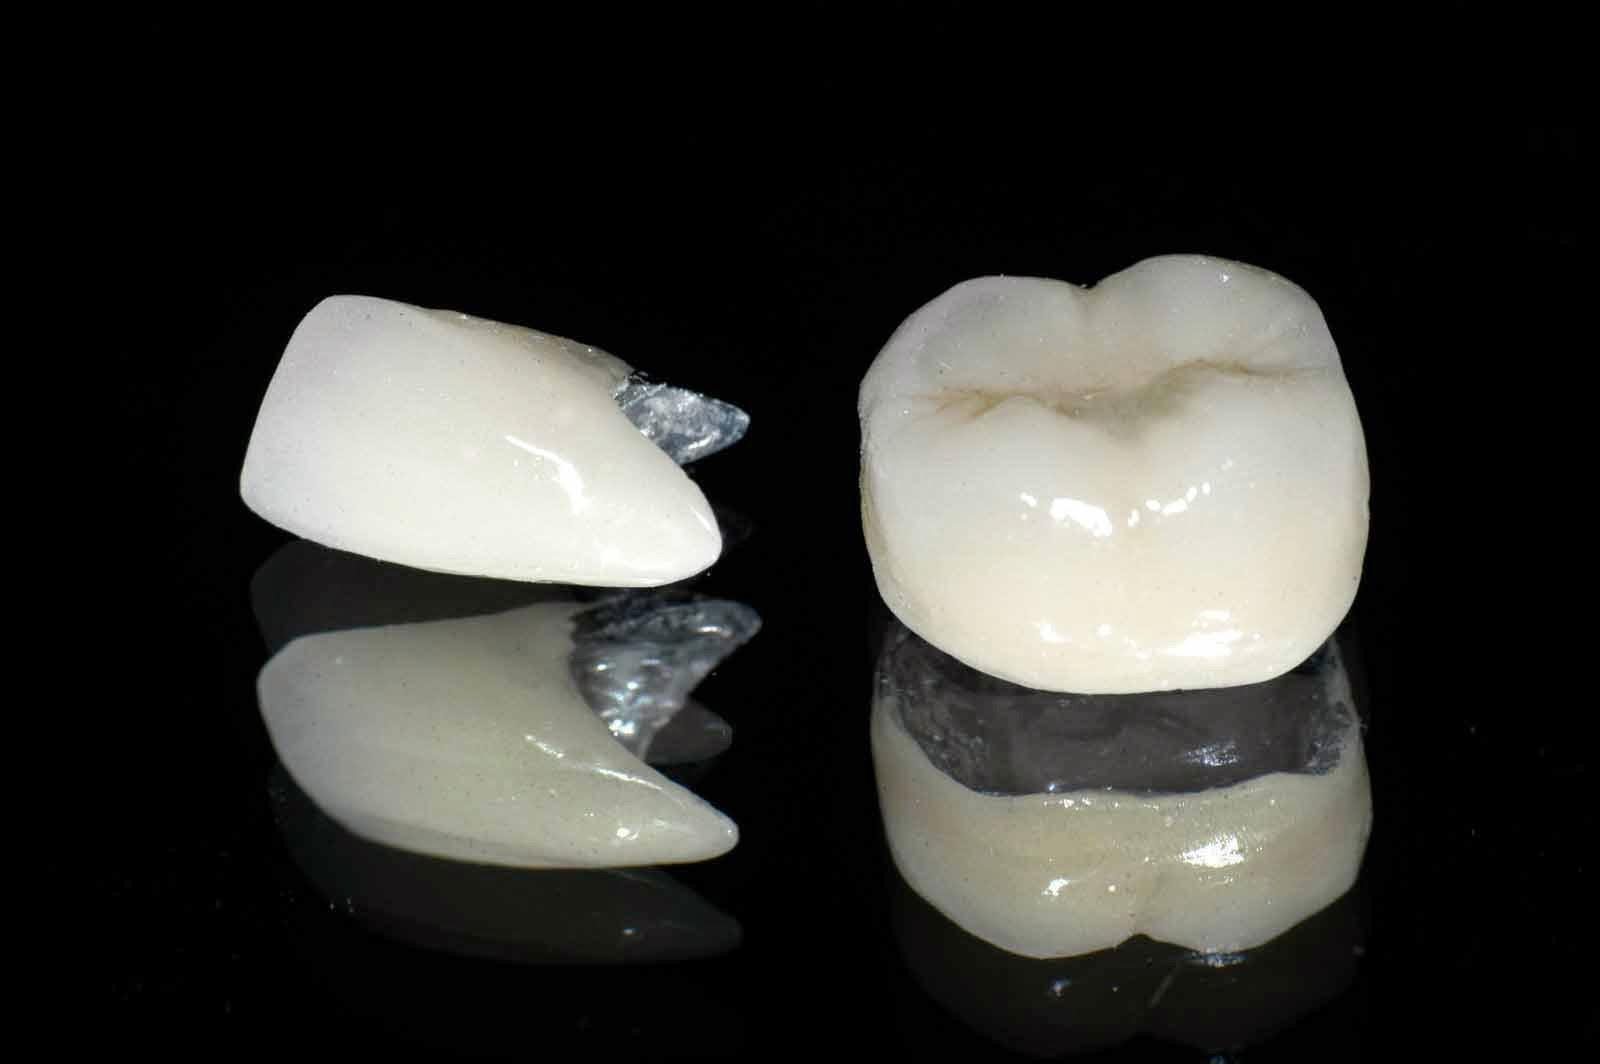 Răng sứ Titan có tốt không? –  Chuyên gia giải đáp